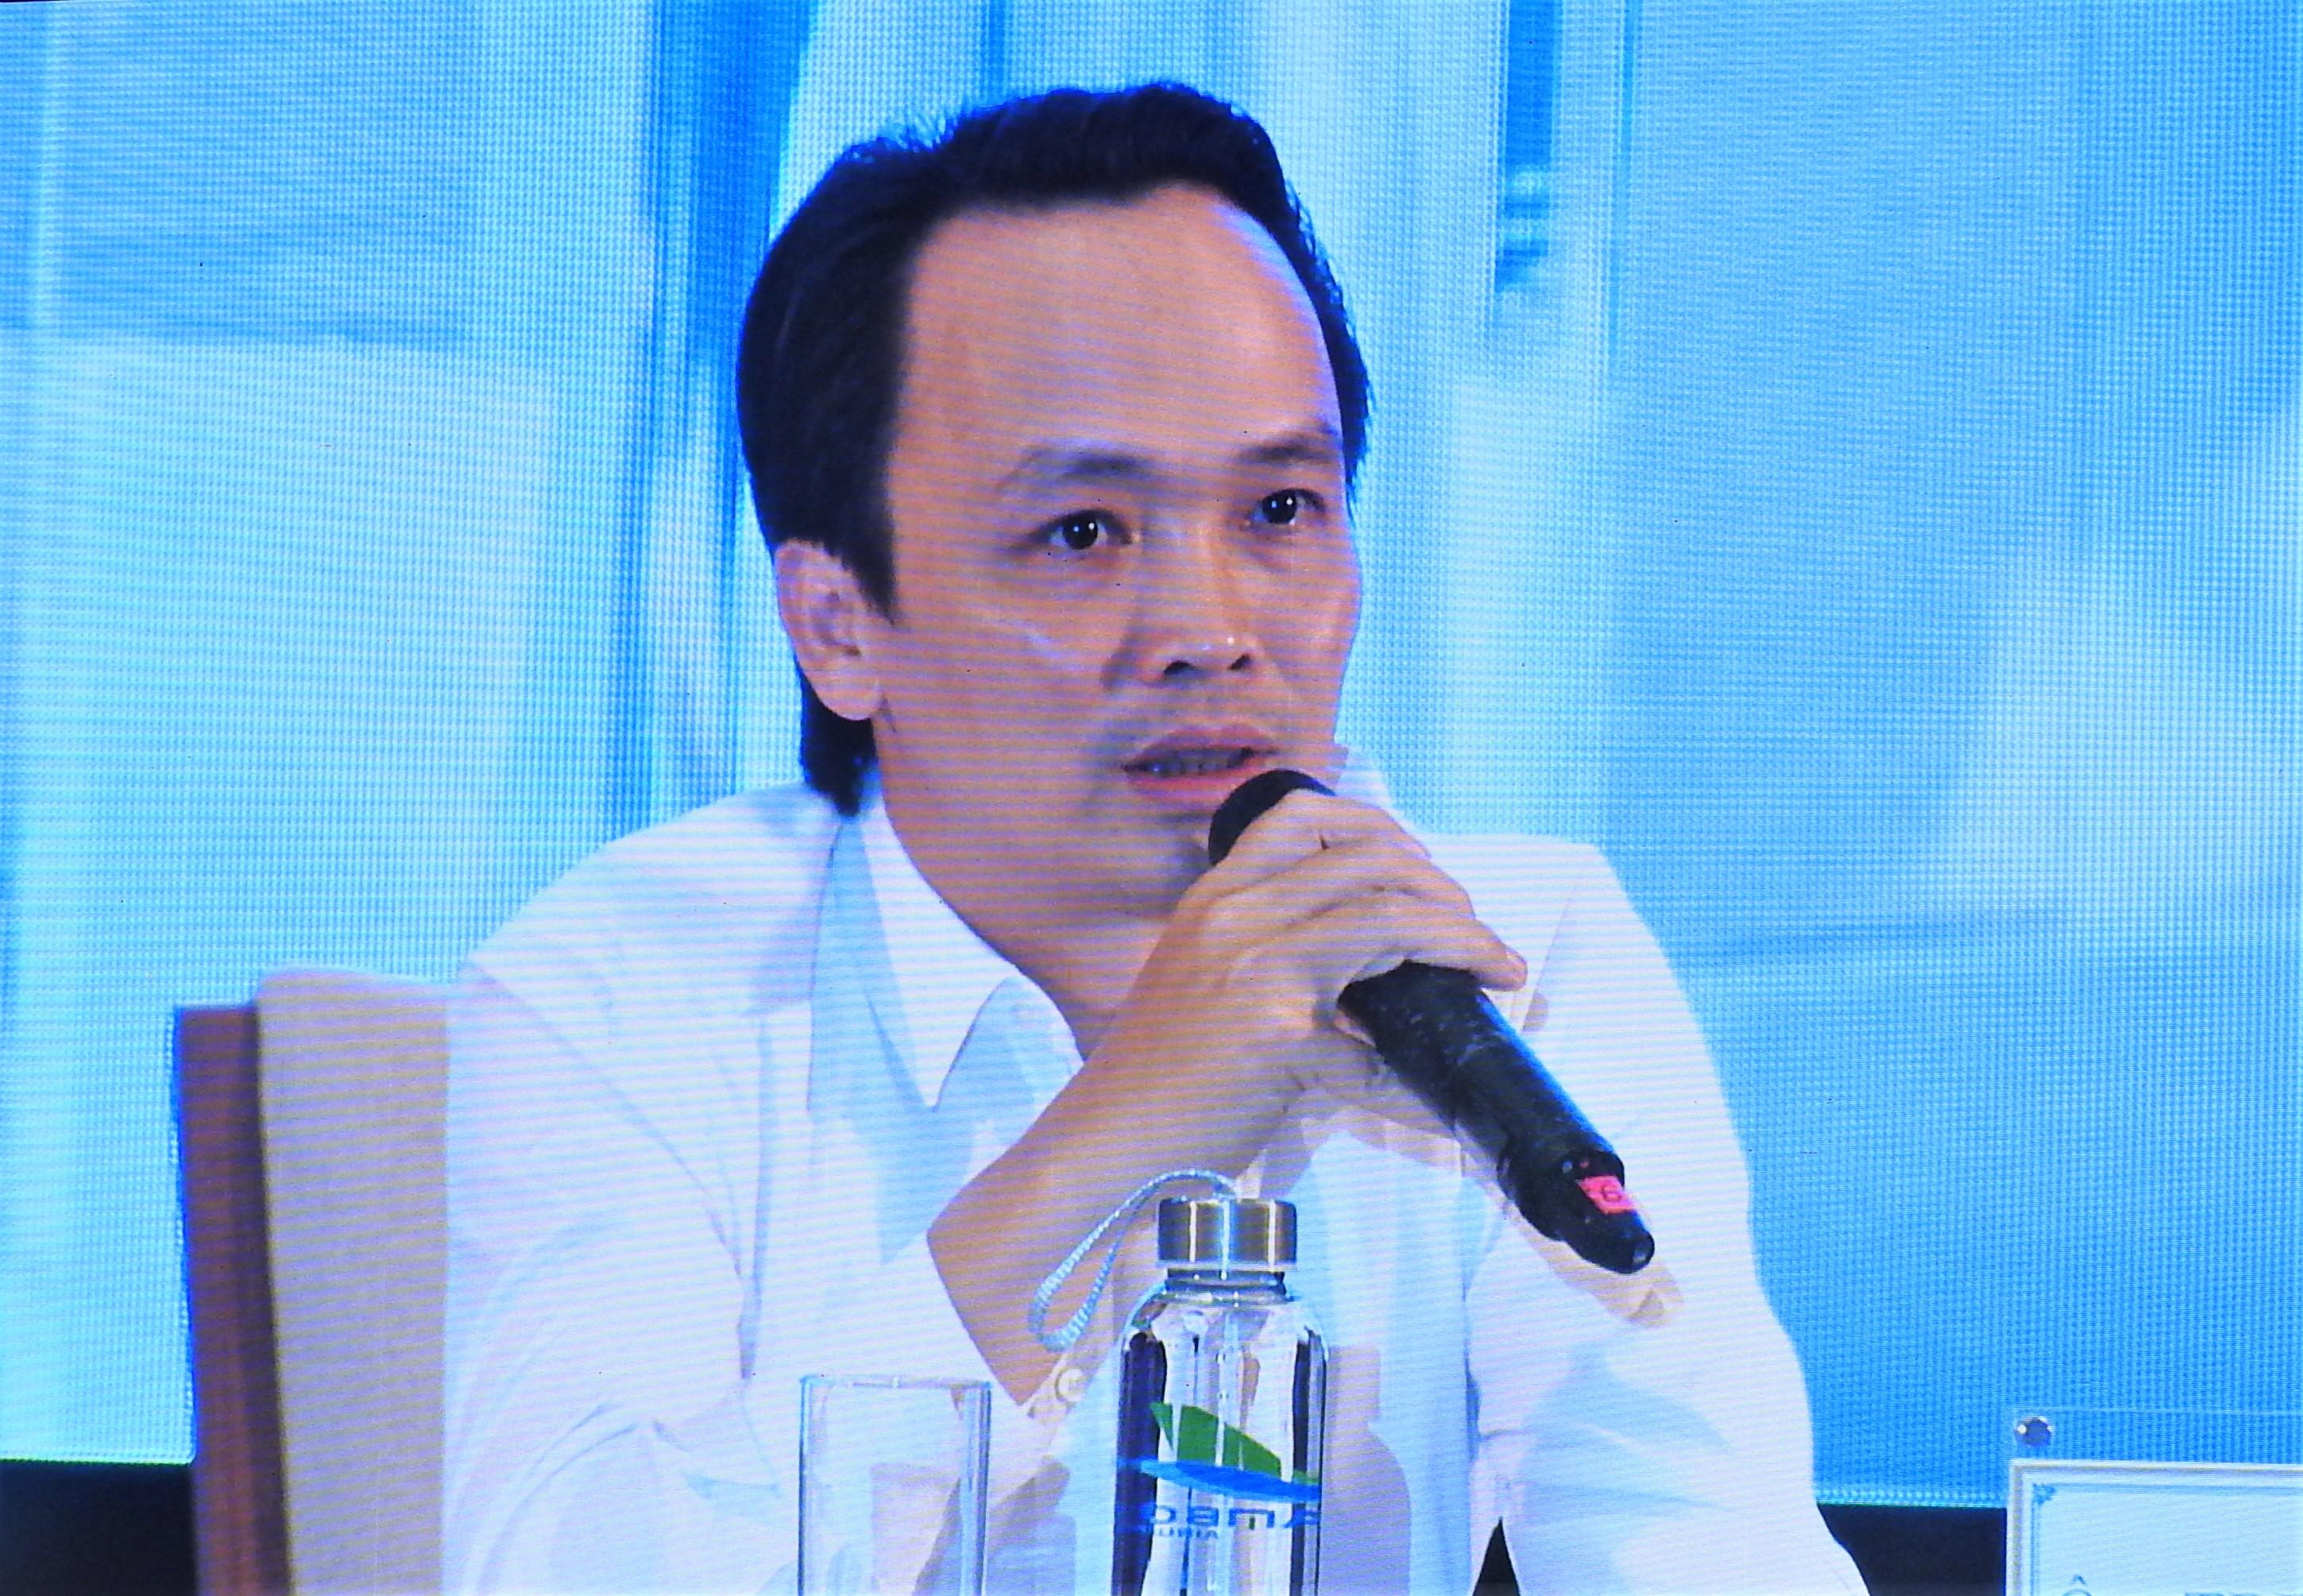 Chủ tịch Trịnh Văn Quyết: FLC cần nhiều vốn để thực hiện gần 300 dự án - Ảnh 1.